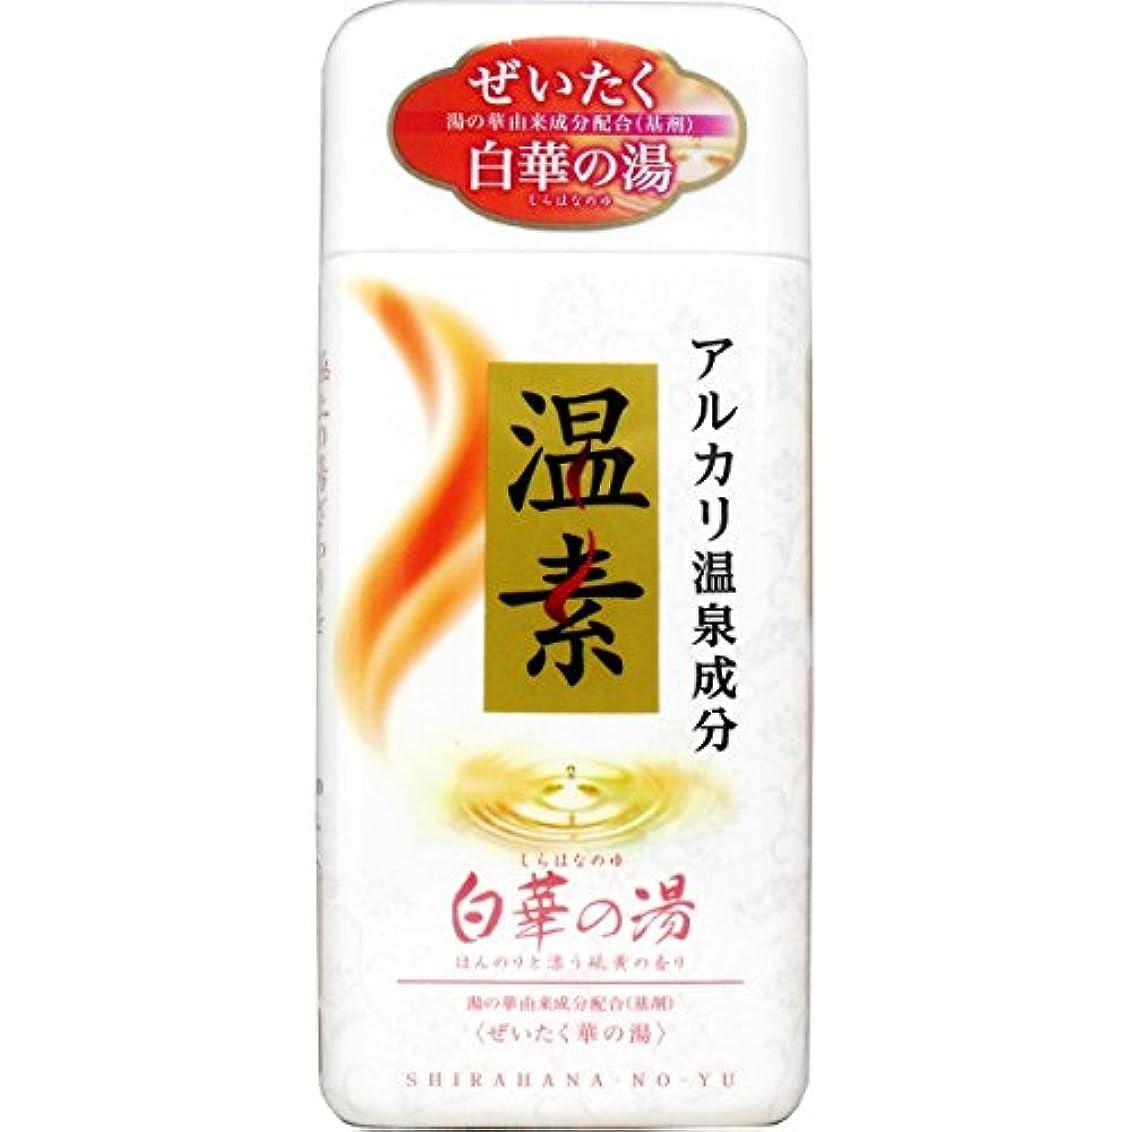 入場料シリンダー過度の温素 白華の湯 × 3個セット